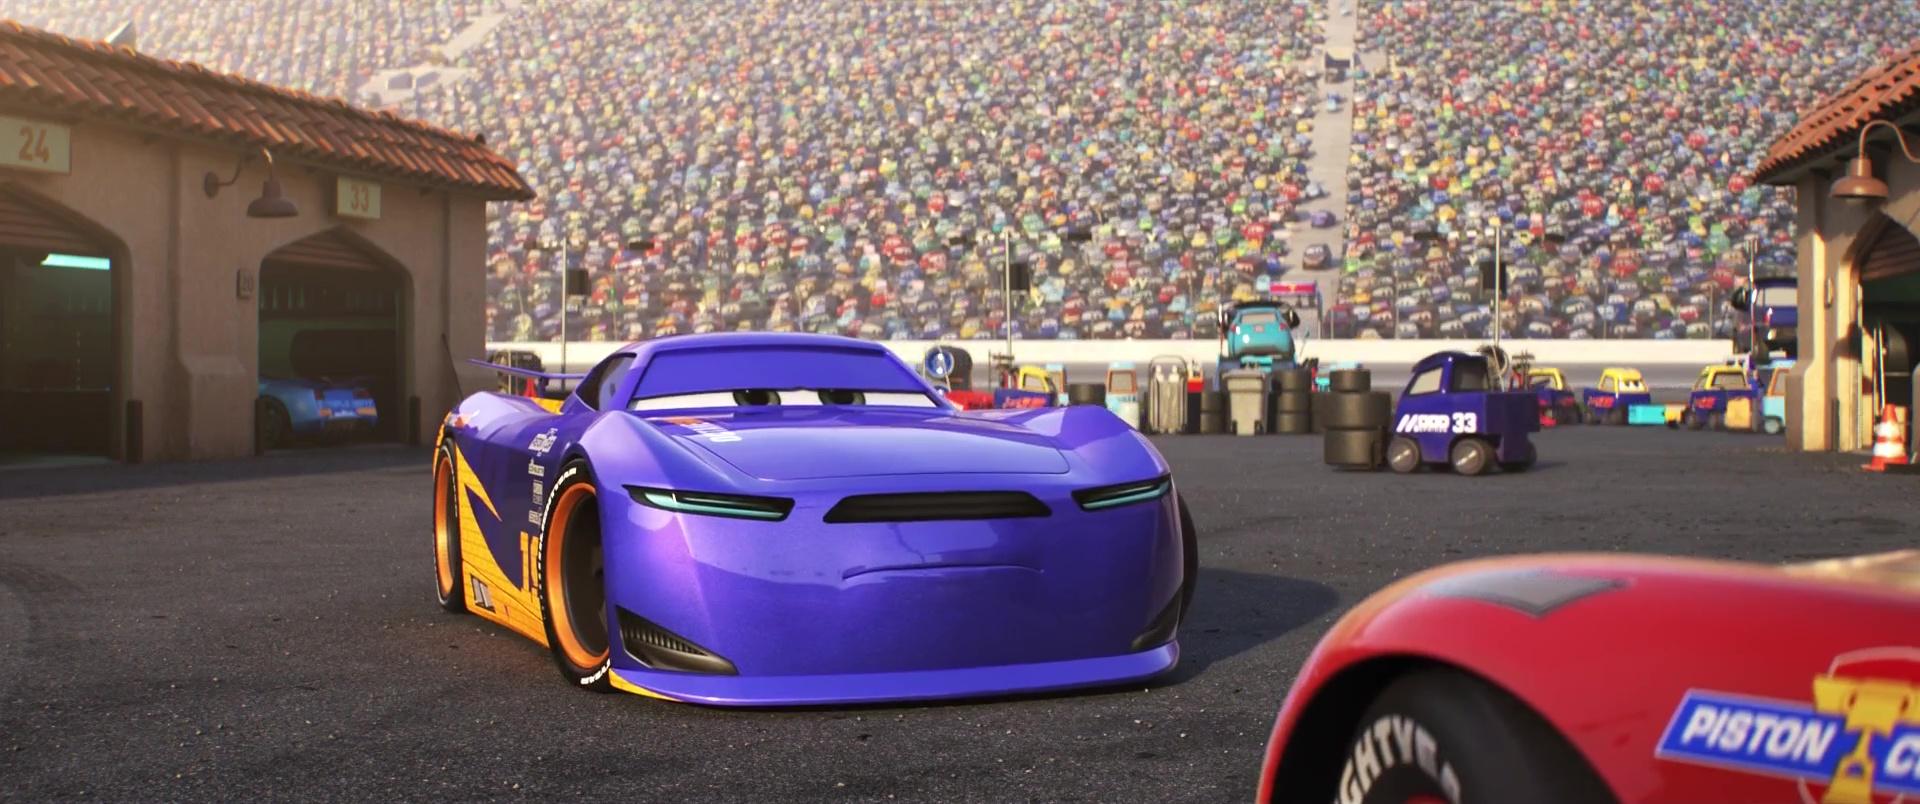 daniel-swervez-personnage-cars-3-01